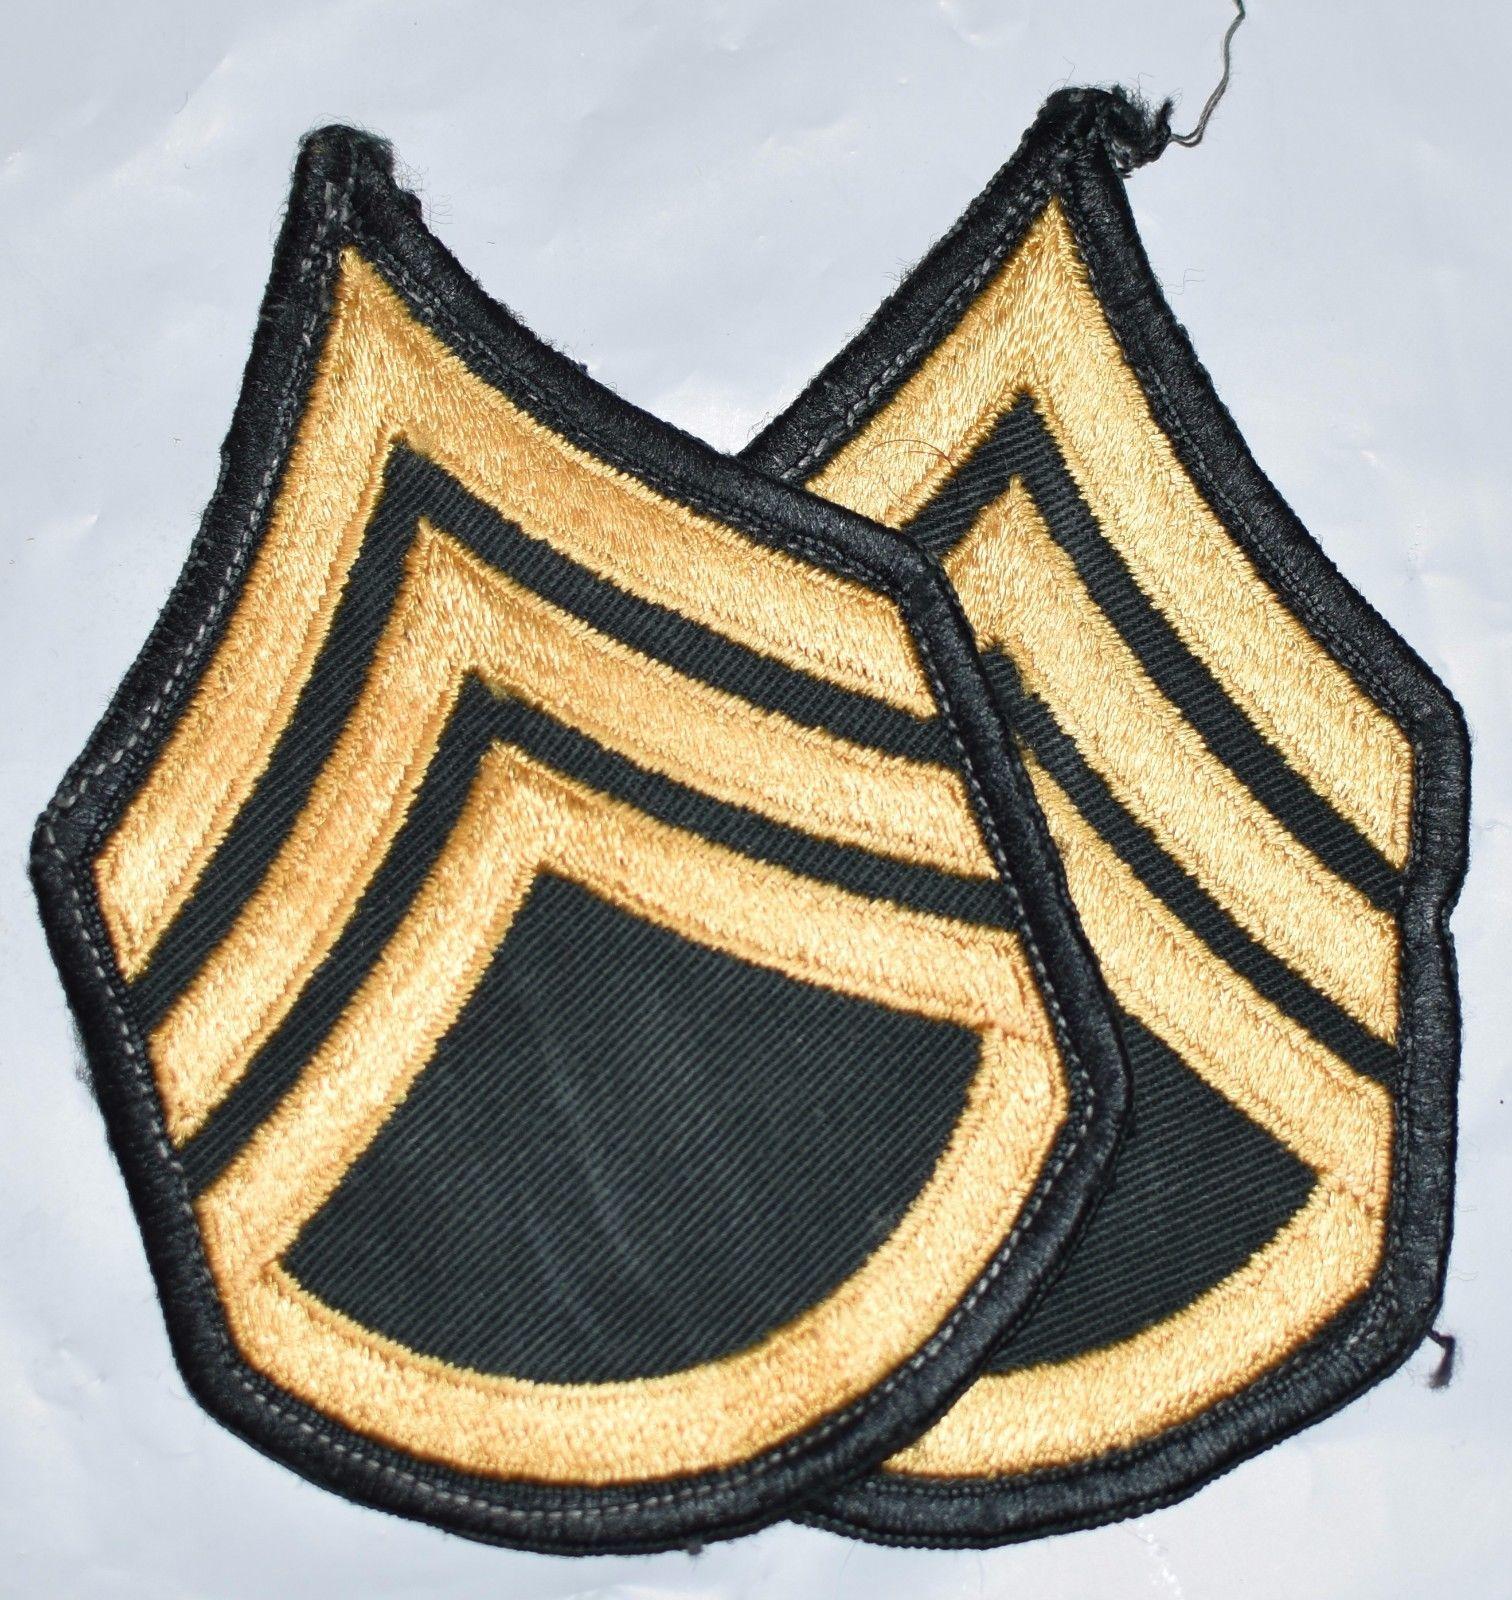 VIETNAM ERA US ARMY STAFF SERGEANT RANK E6 SGT PAIR LOT TWILL ...